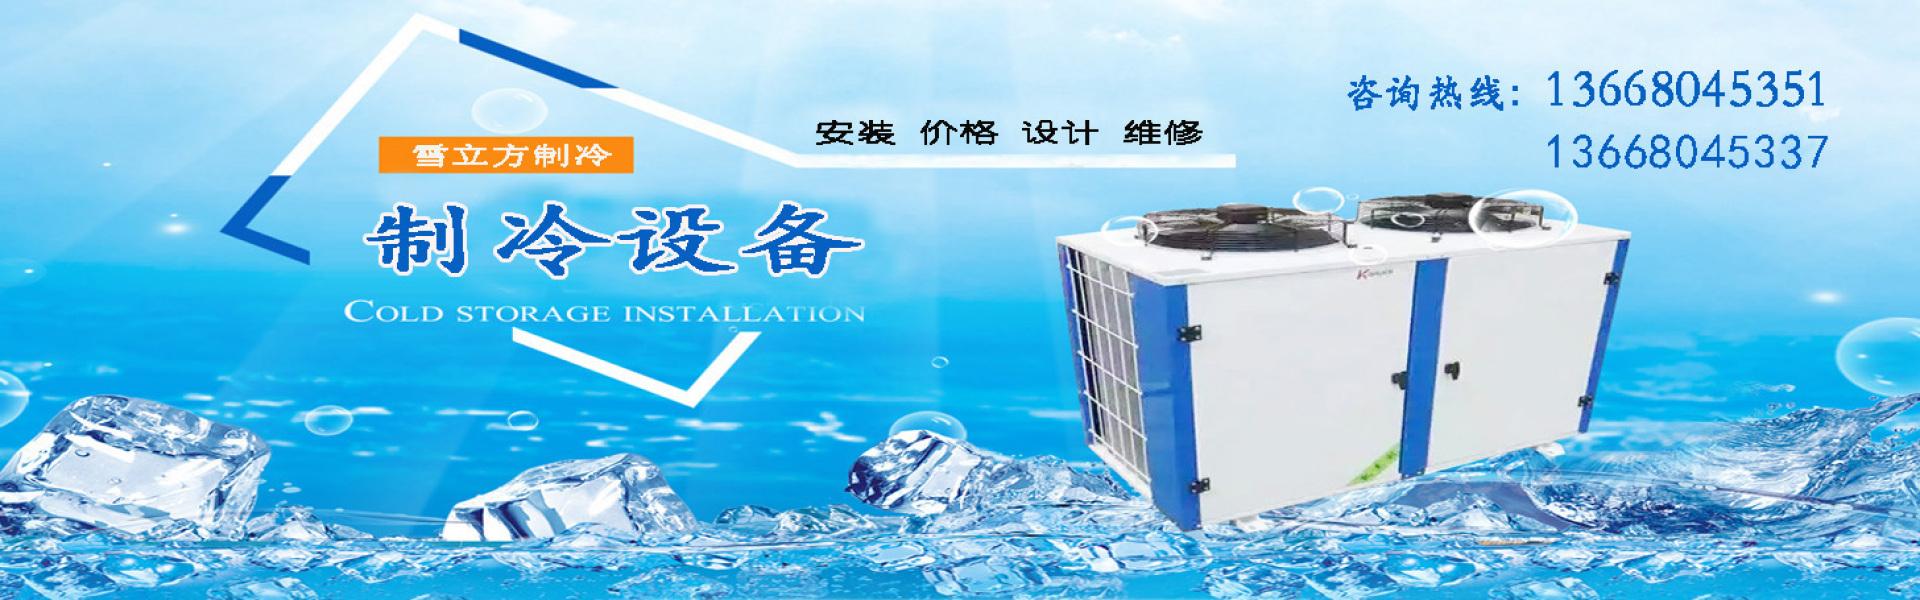 雪立方制冷设备专注于保鲜库安装、设计、维修。